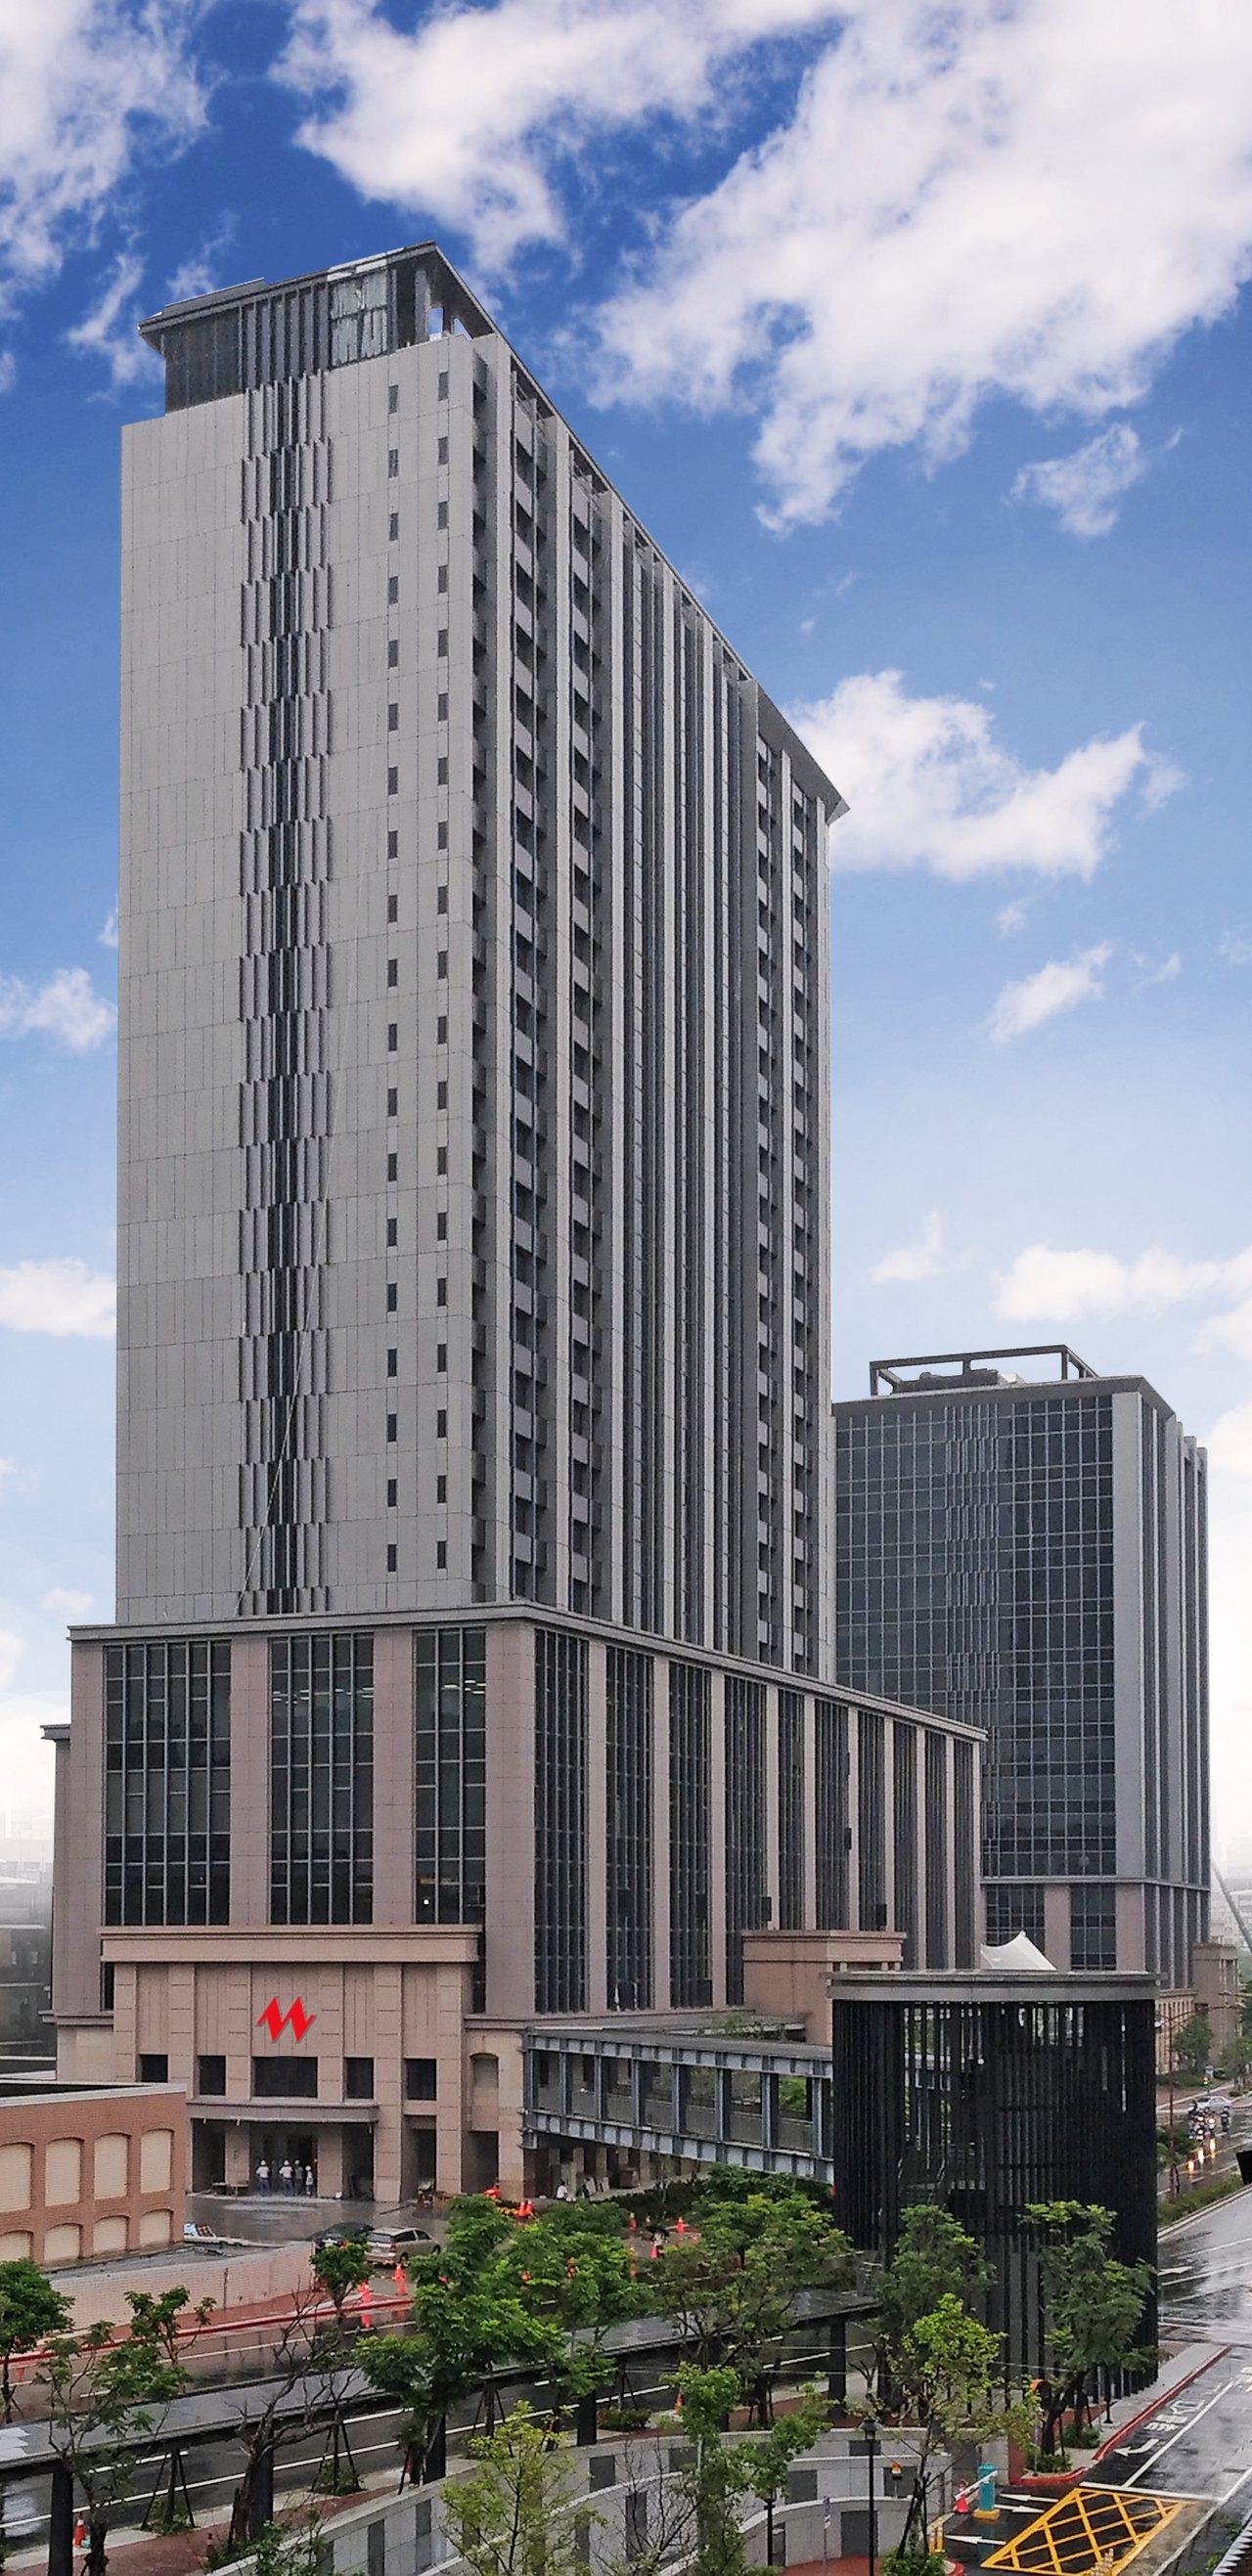 凱達大飯店共有745間房。圖/凱達大飯店提供